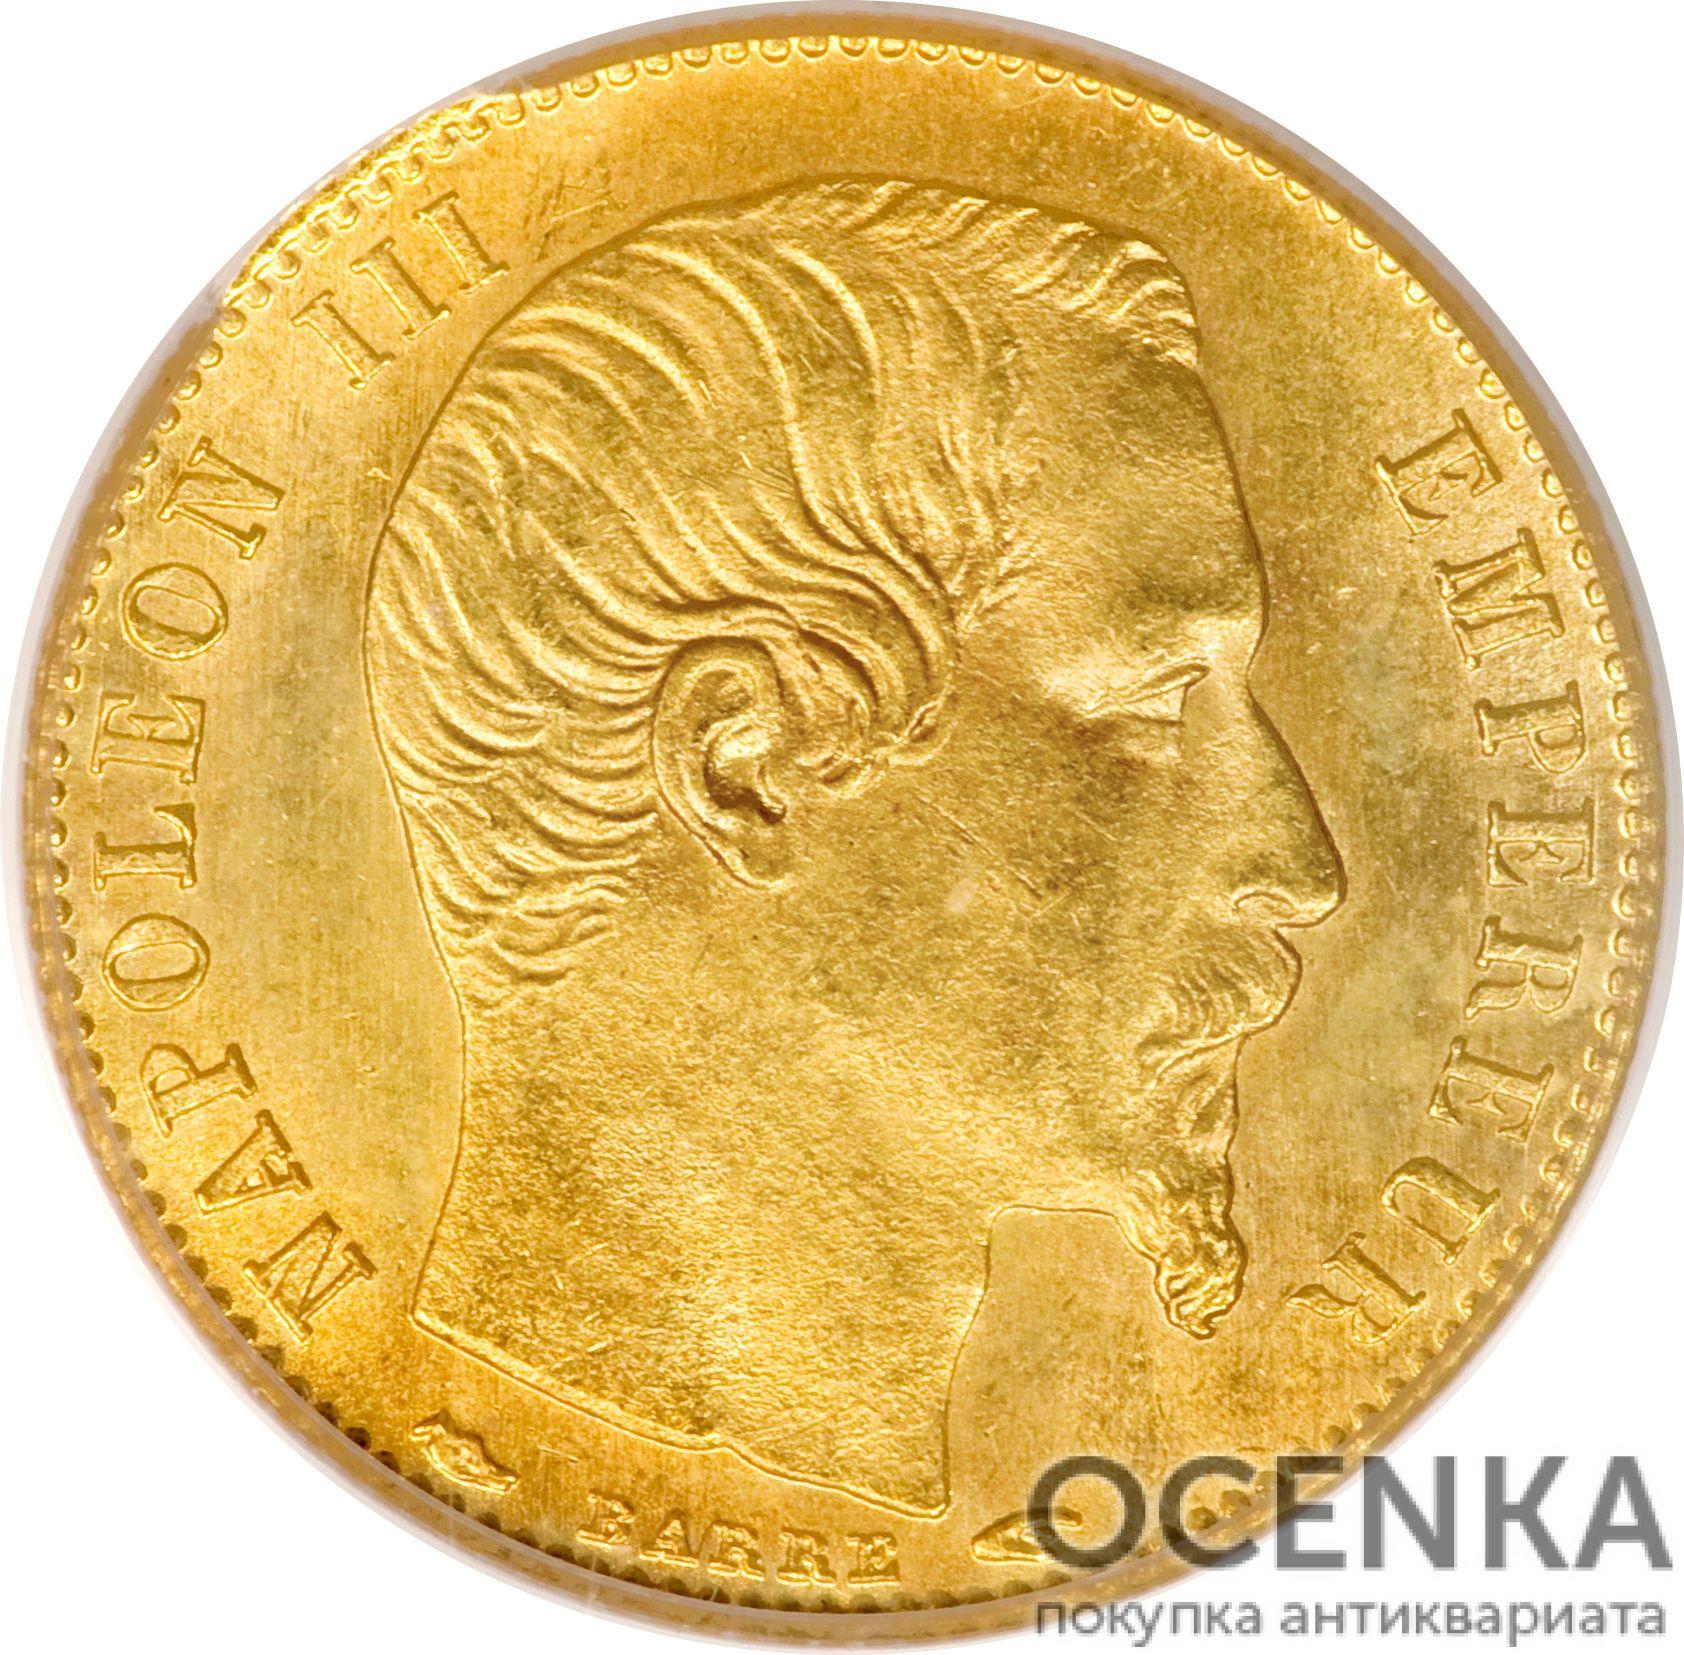 Золотая монета 5 Франков (5 Francs) Франция - 3